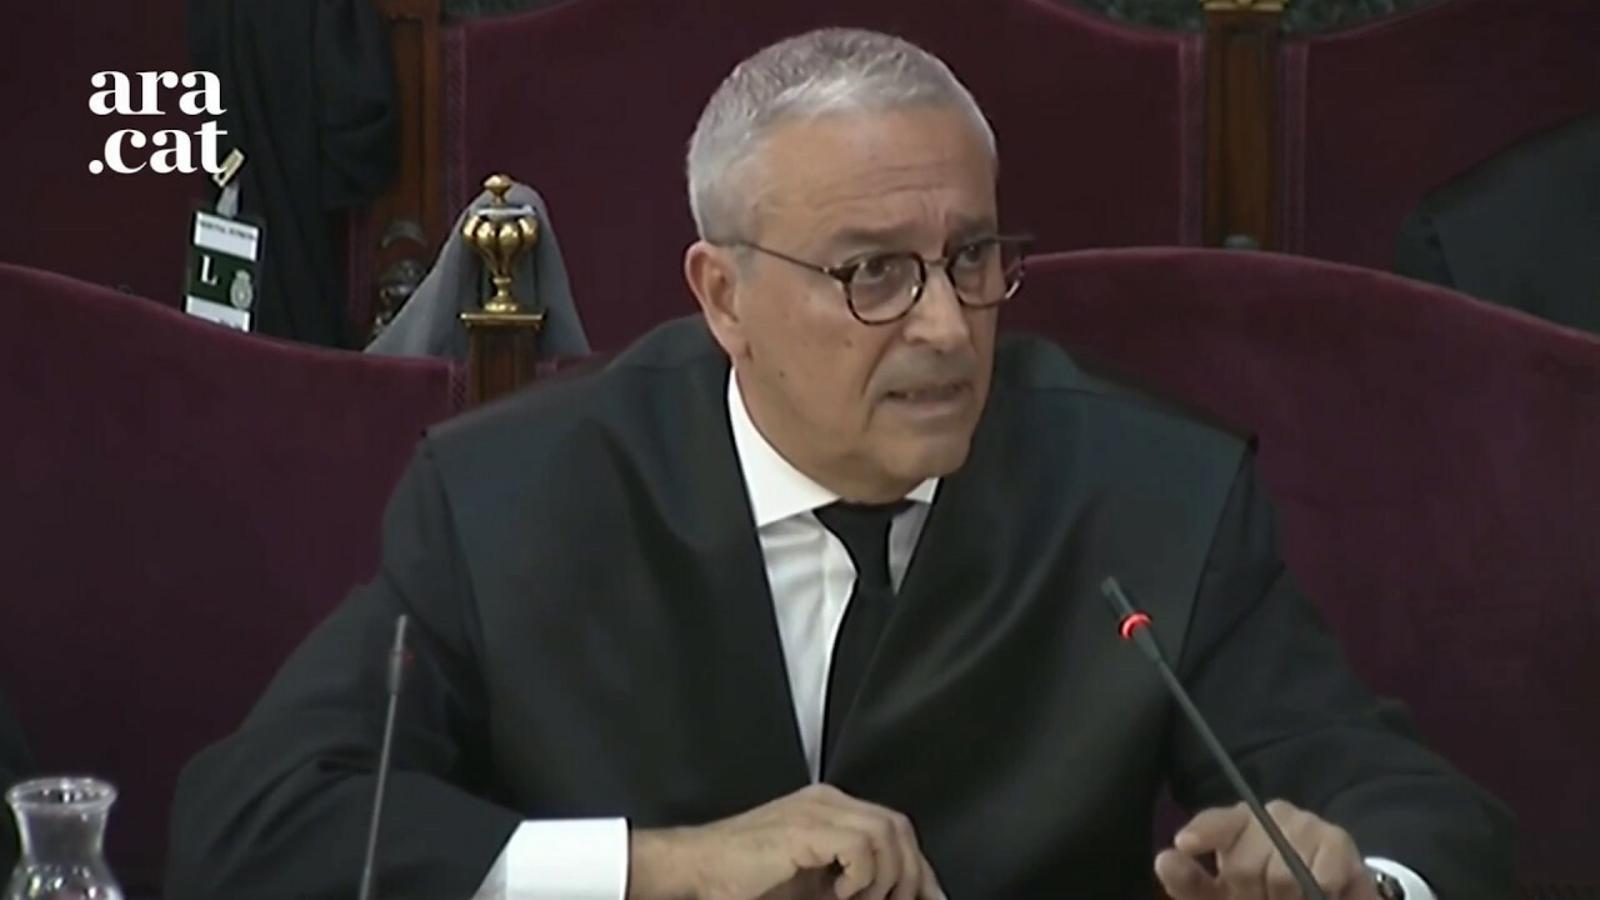 """Melero: """"En aquest judici, la mera menció als nazis pot contaminar la percepció que aquí es tingui"""""""